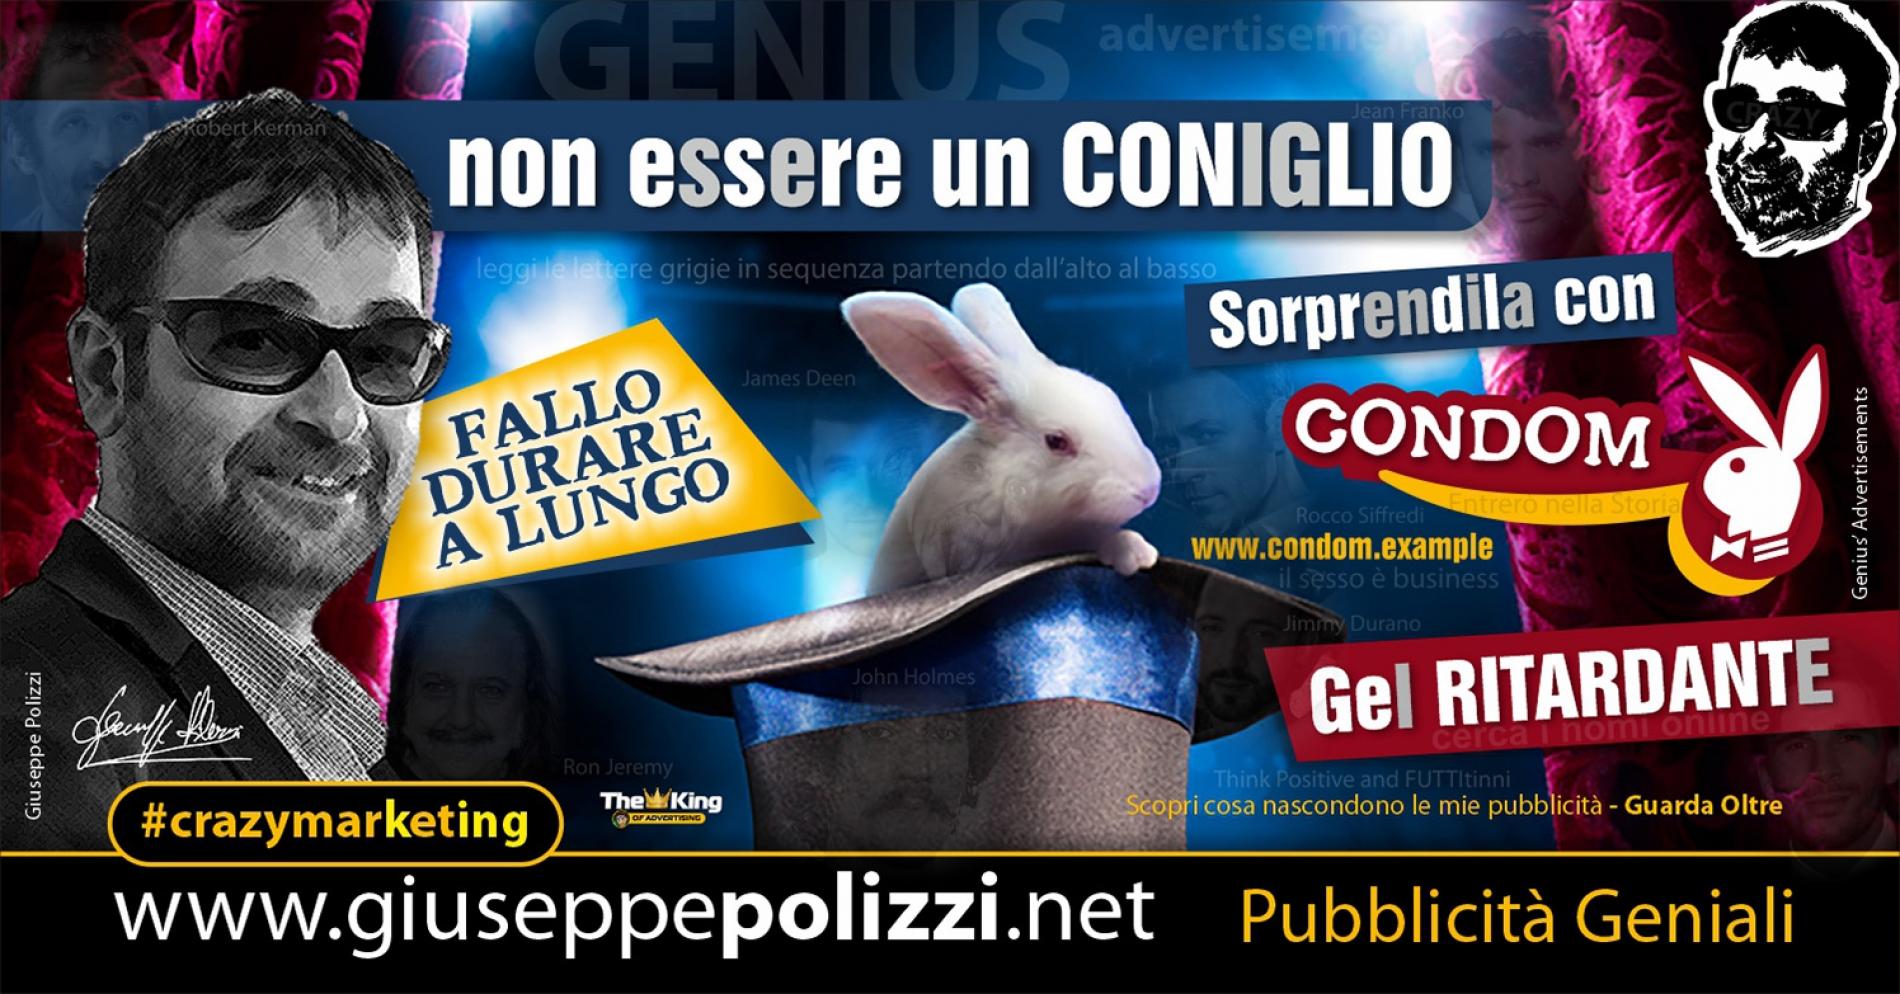 Giuseppe Polizzi crazymarketing Coniglio pubblicità geniali